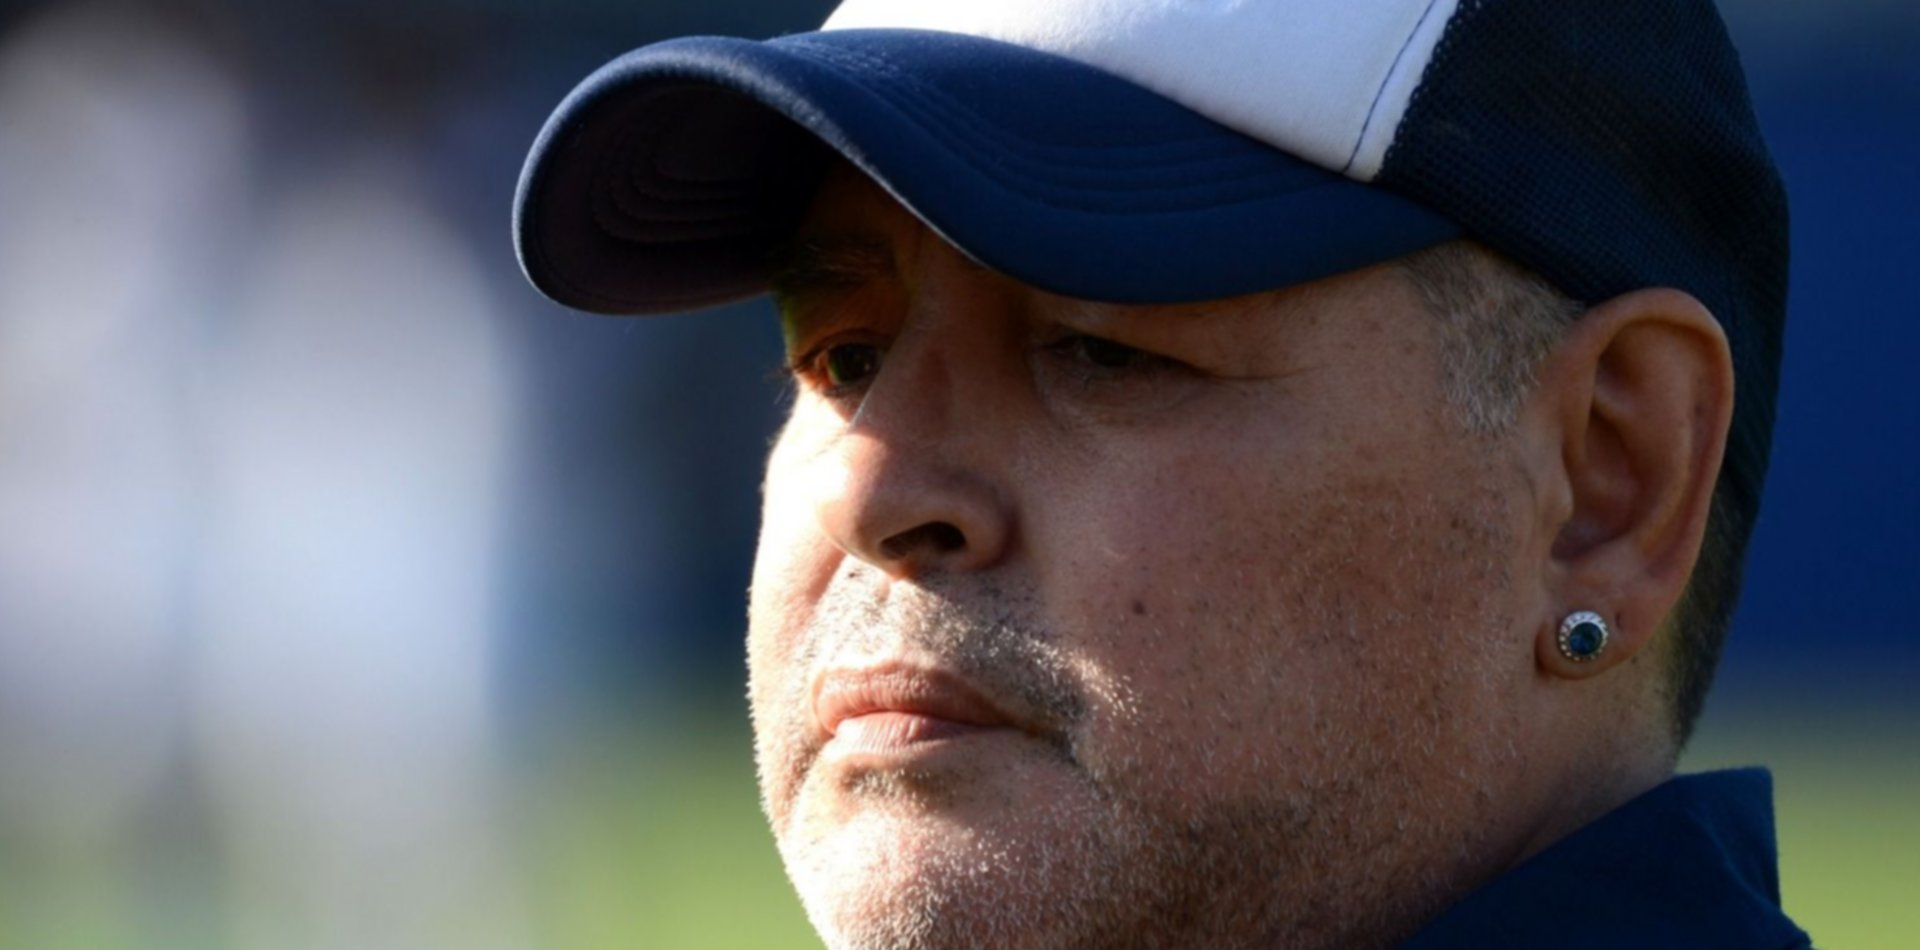 El coronavirus llegó a la familia Maradona: una hermana de Diego dio positivo